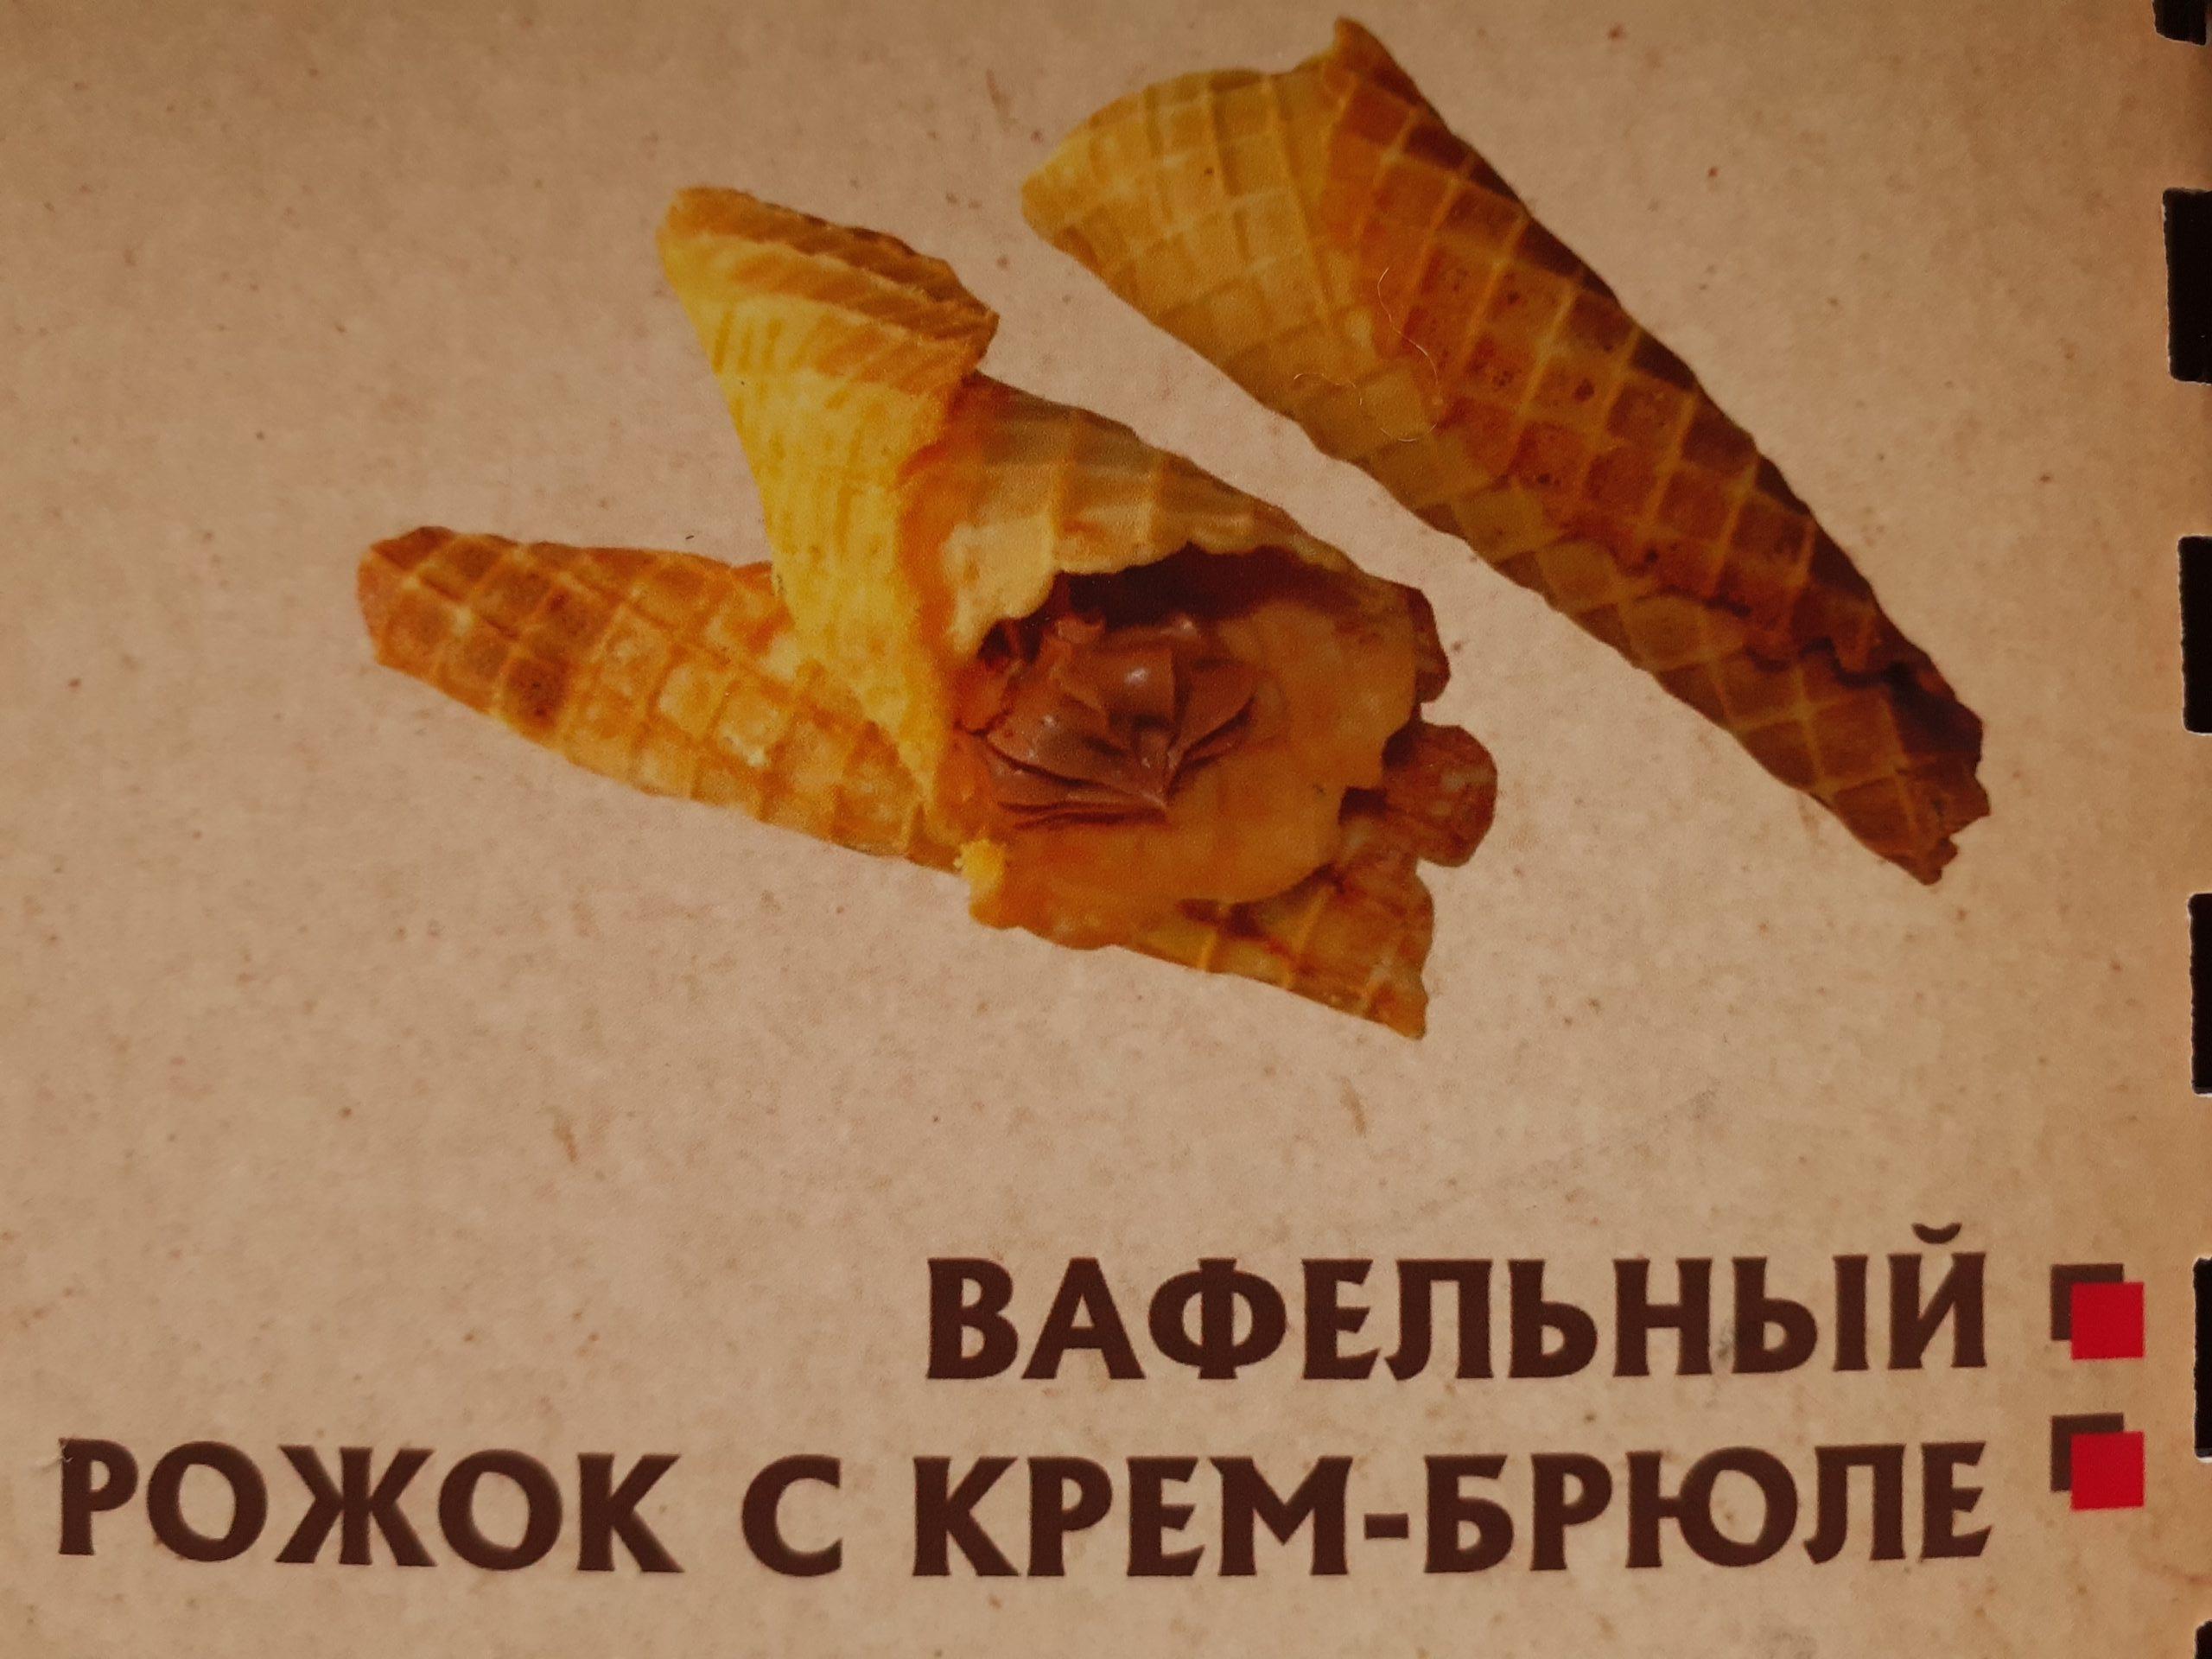 Рожок Крем брюле 1, 6 кг (Пекраев)